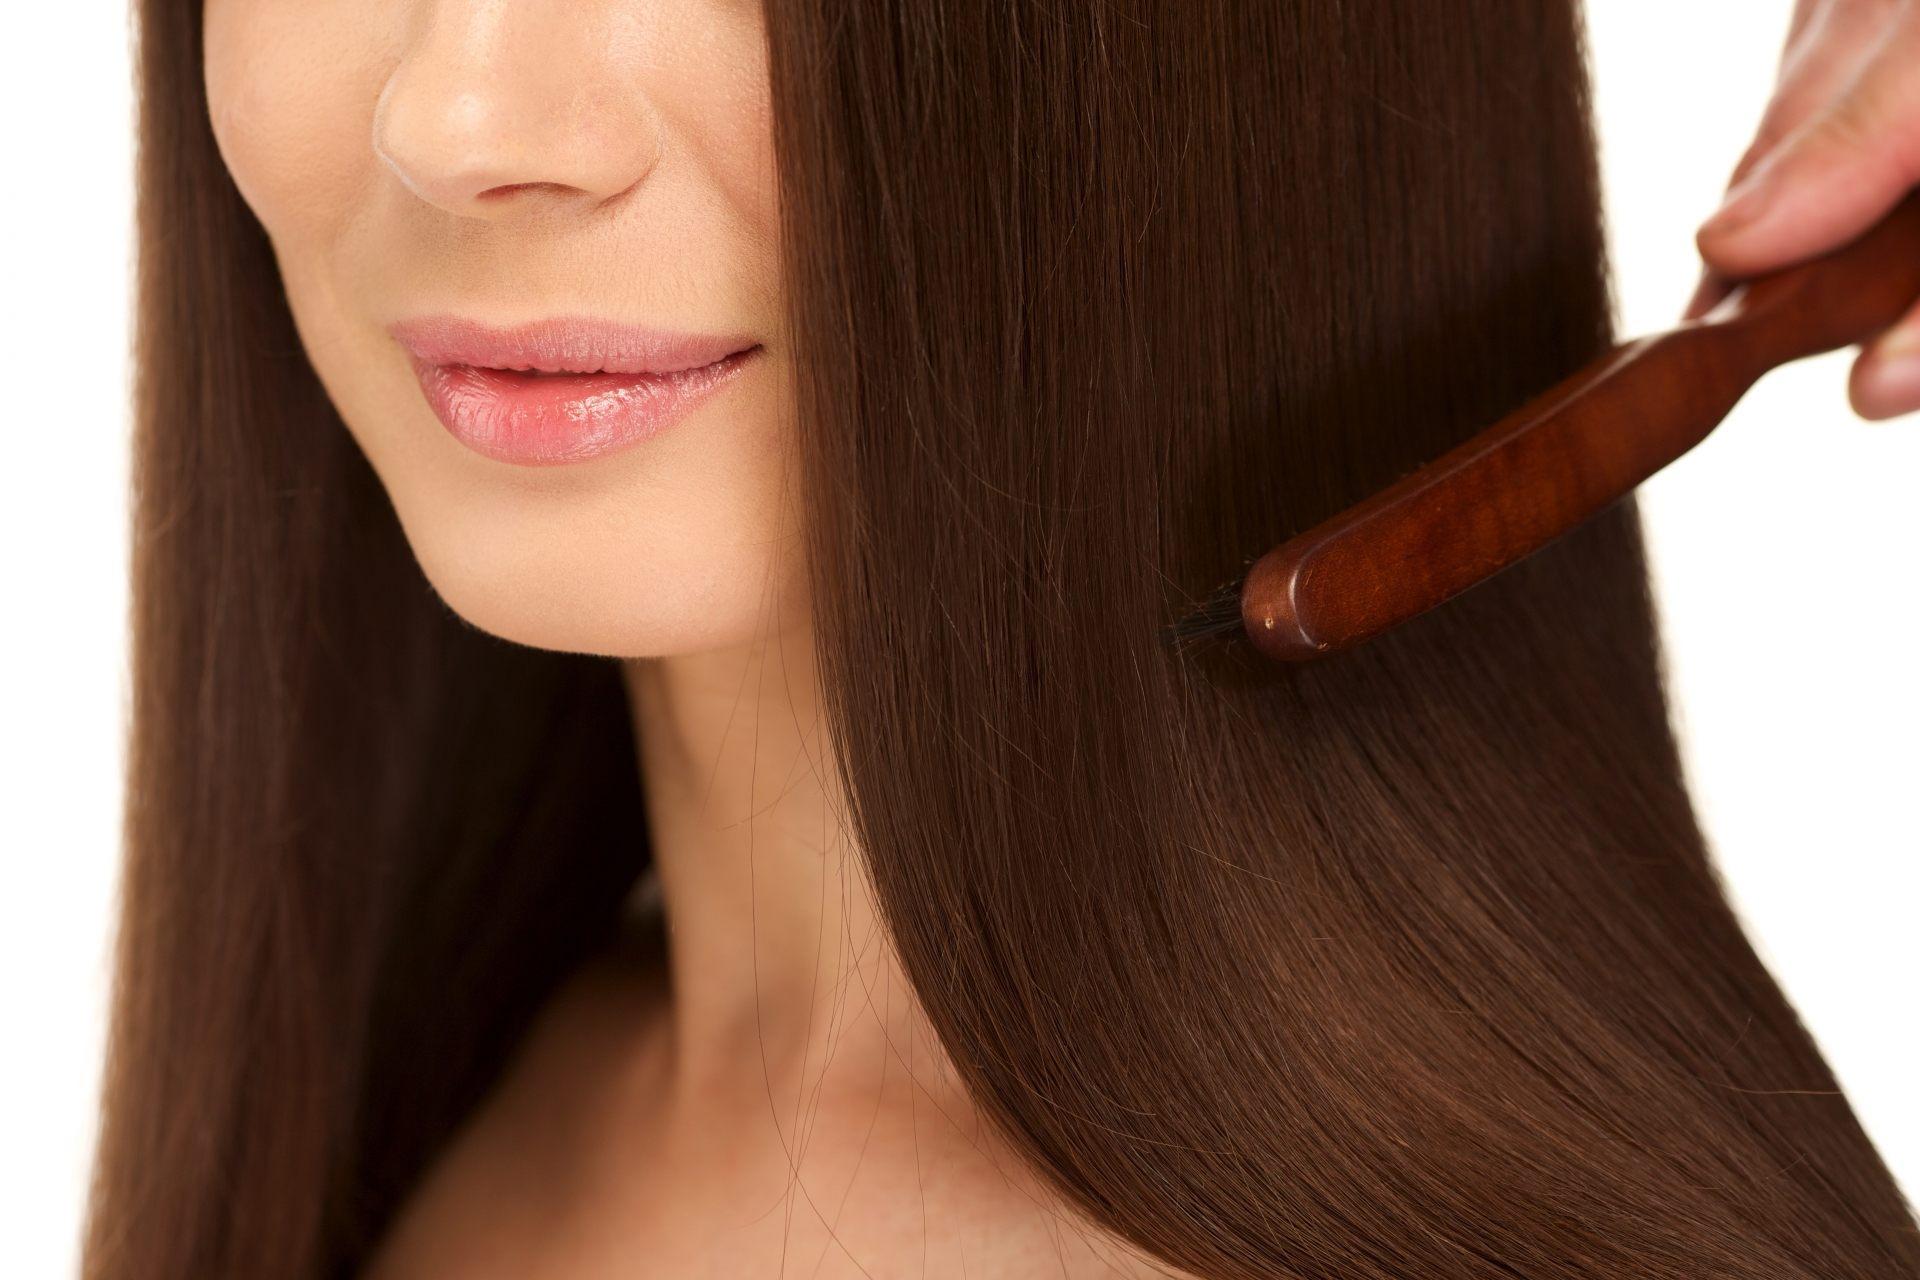 髪のツヤを守るためにすべきこと5つ